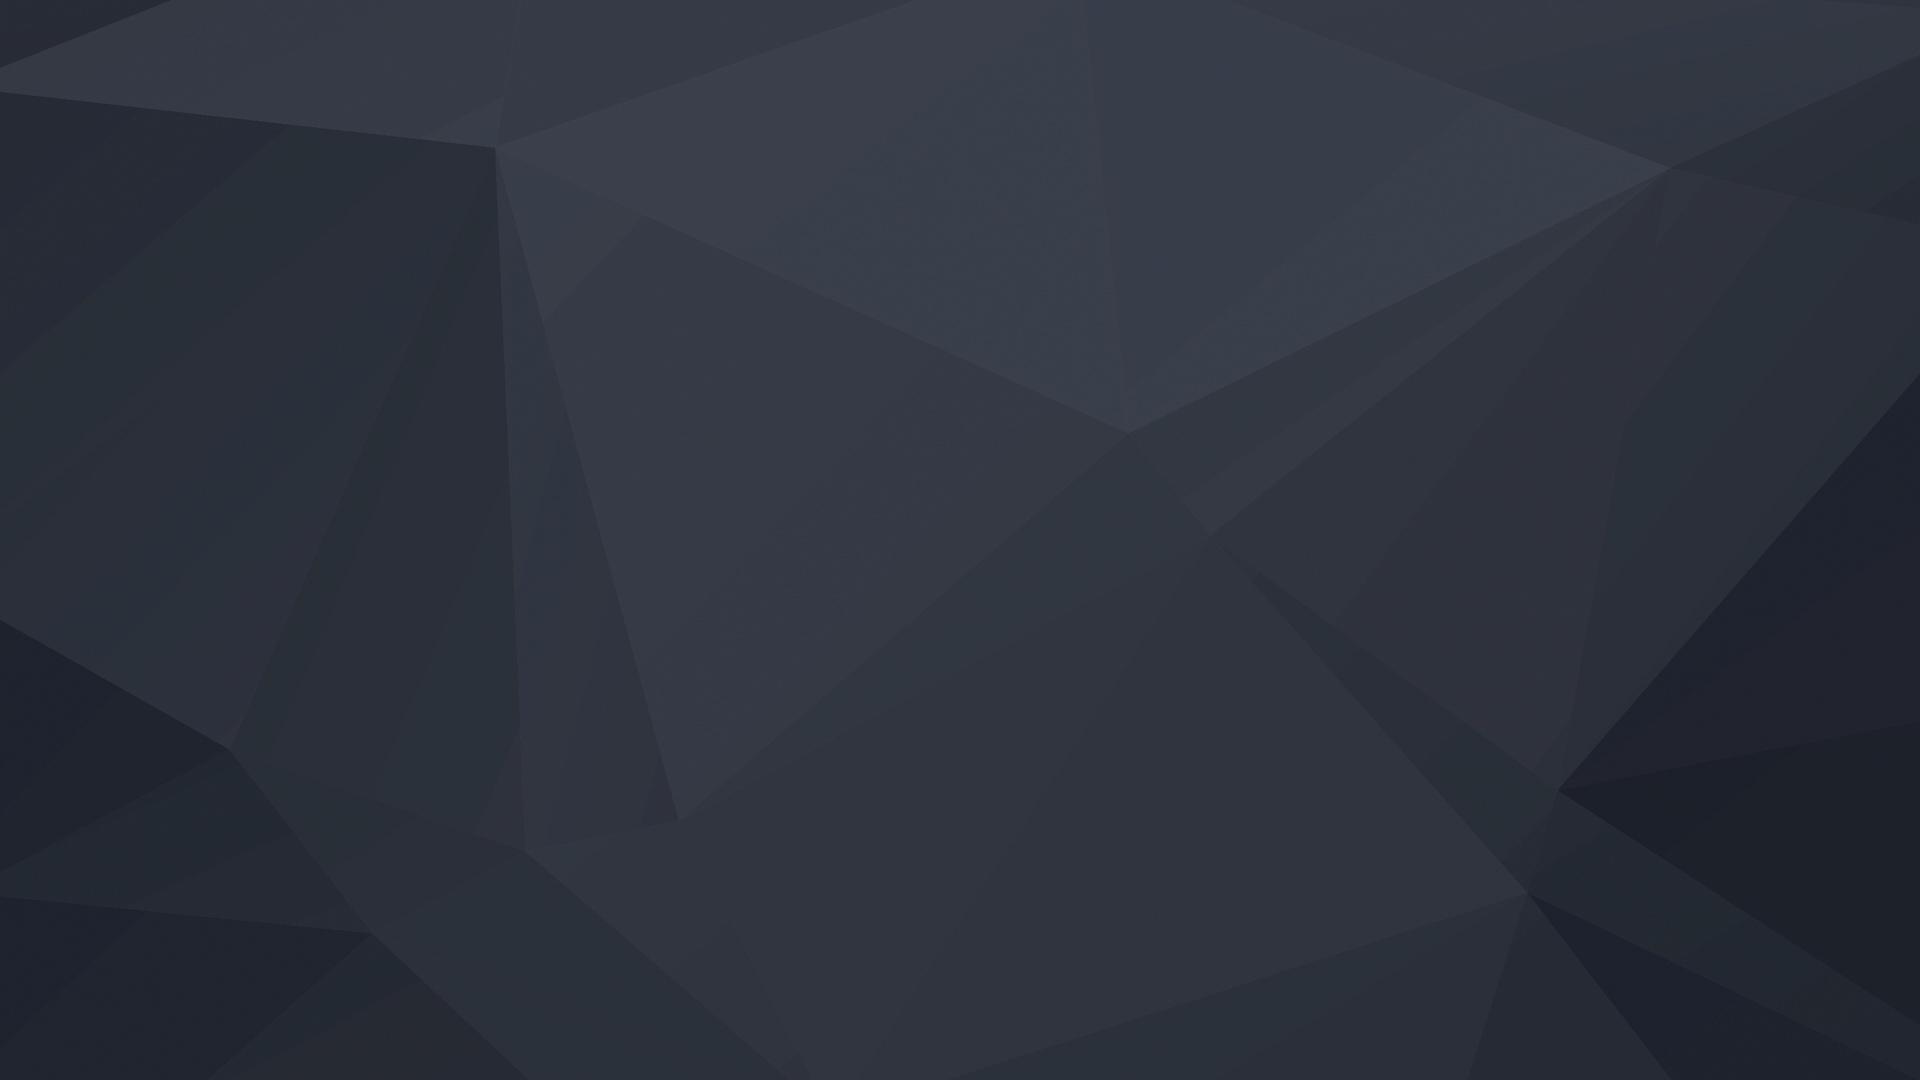 Live full-stack blockchain development in Hyperledger and Ethereum